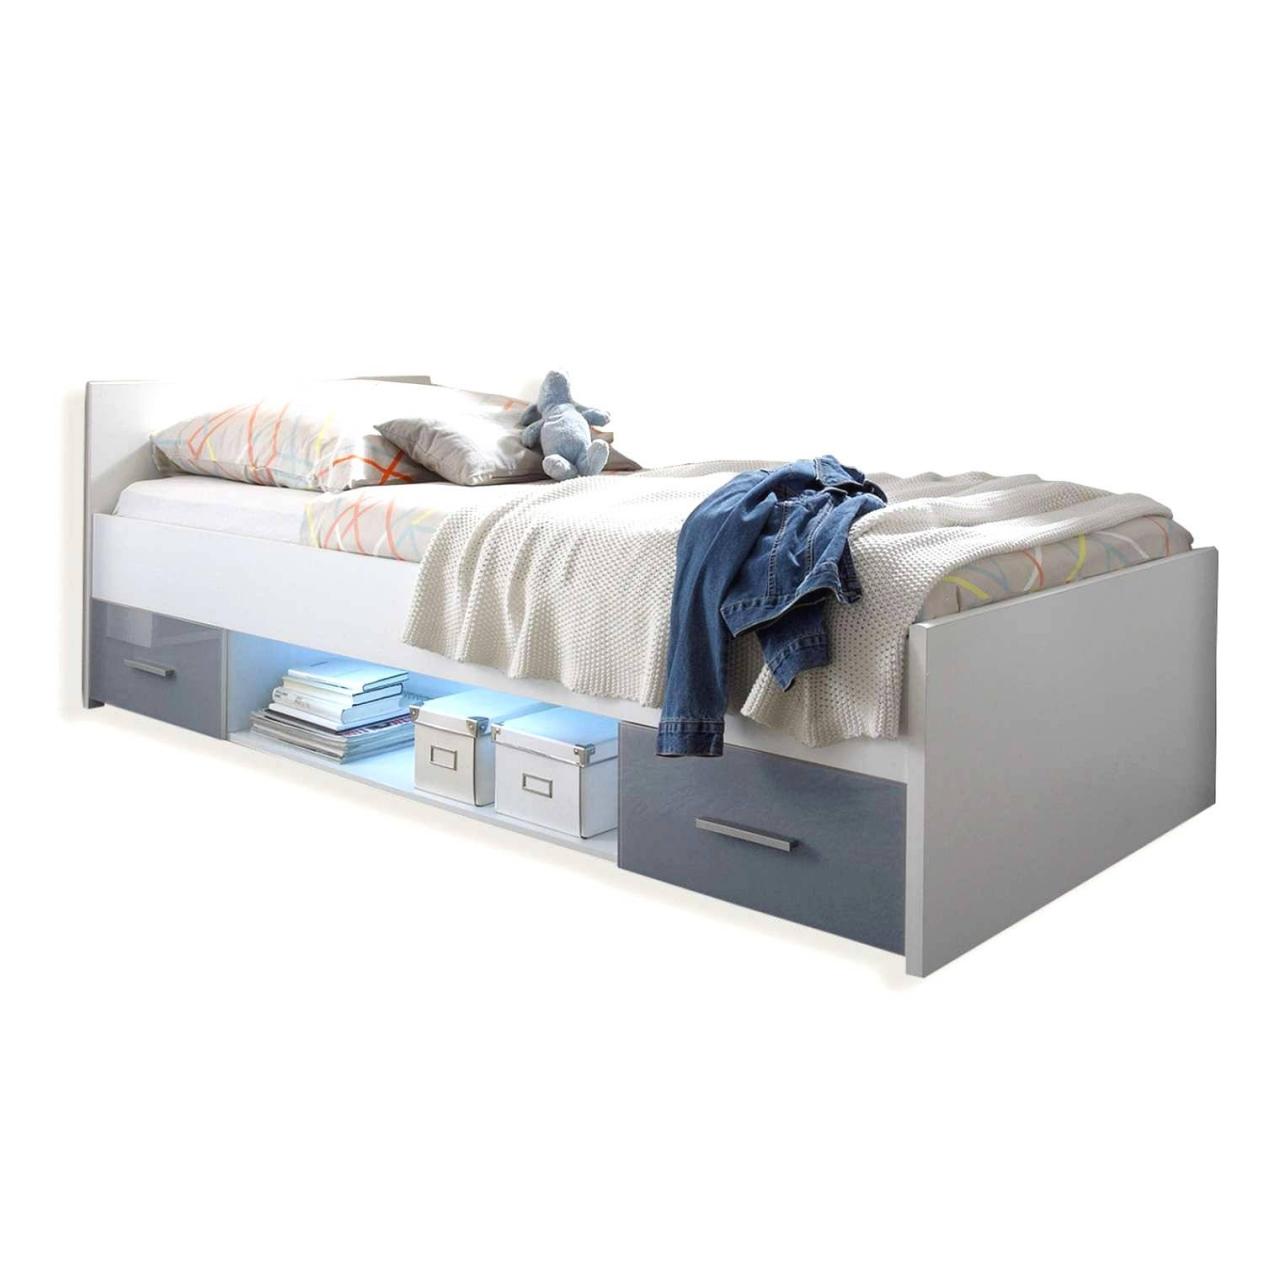 Full Size of Ikea Bett Kinder Dresser Hemnes Procura Home Blog Ohne Füße 120 Weißes 140x200 Sofa Mit Schlaffunktion Betten 180x200 1 40 Regale Kinderzimmer 90x200 Weiß Wohnzimmer Ikea Bett Kinder